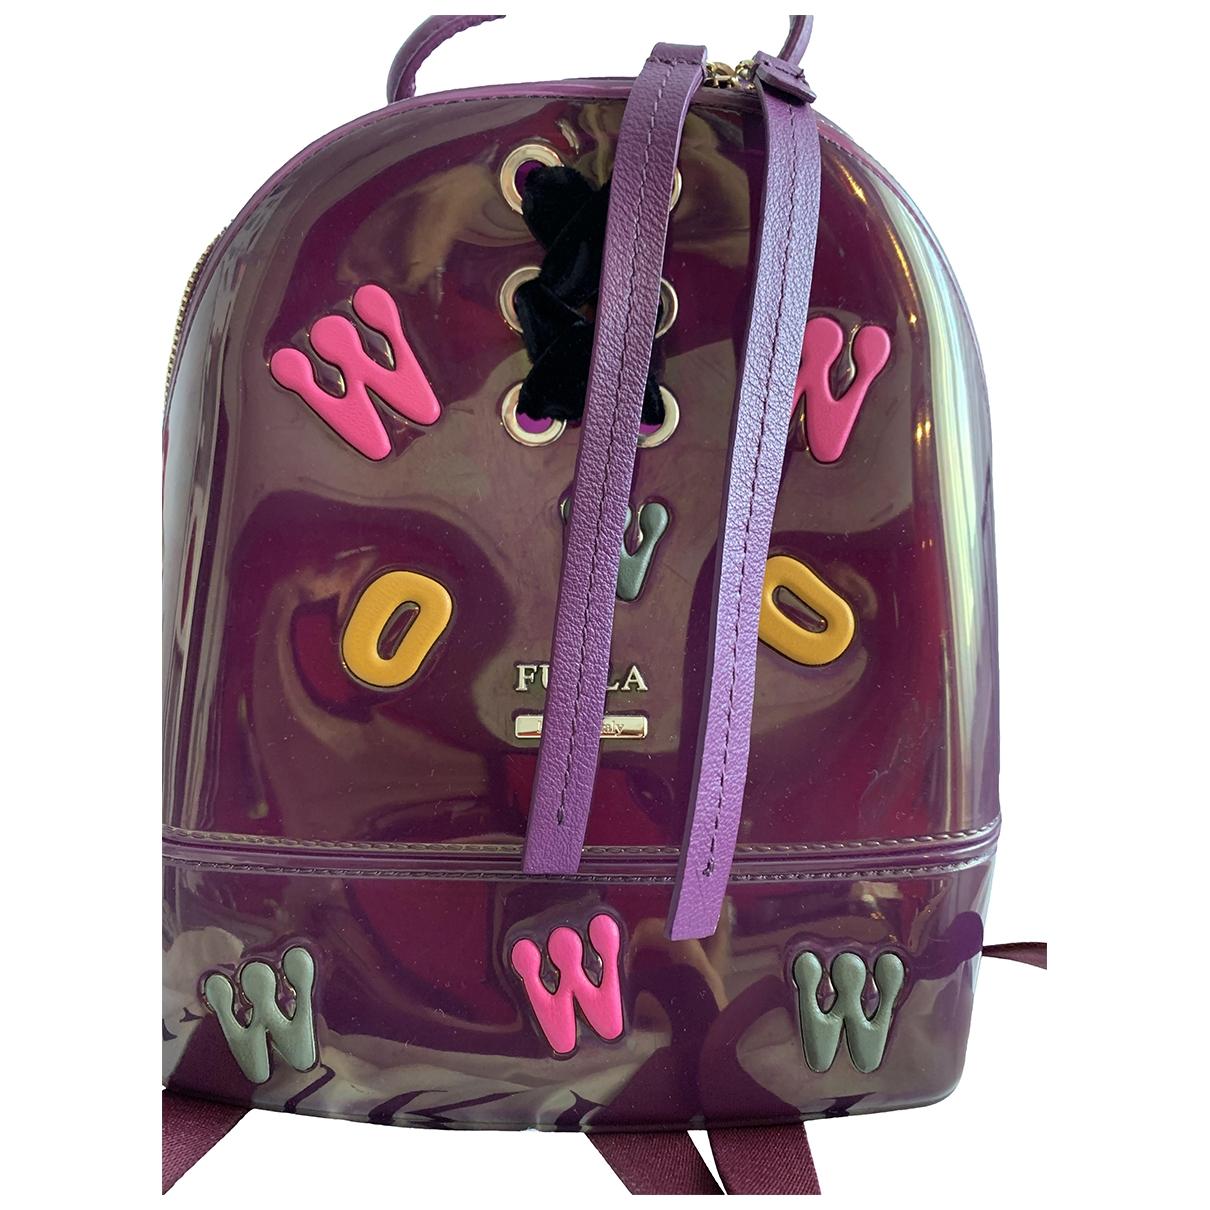 Mochila Candy Bag Furla